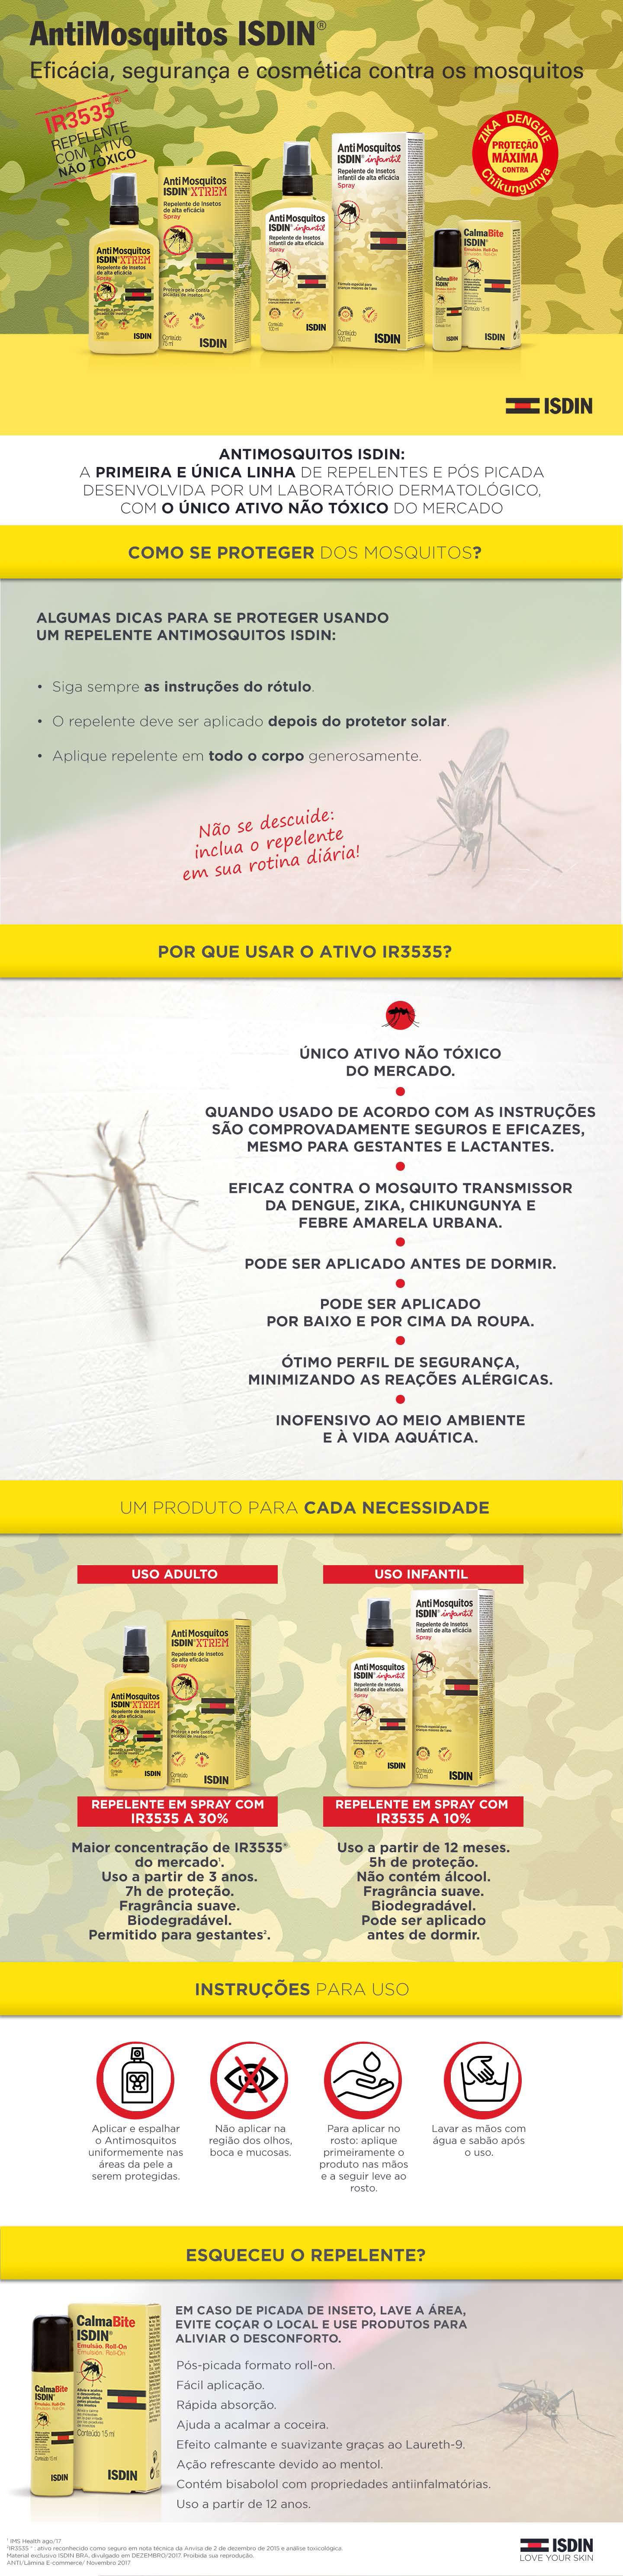 Antimosquito_Isdinr